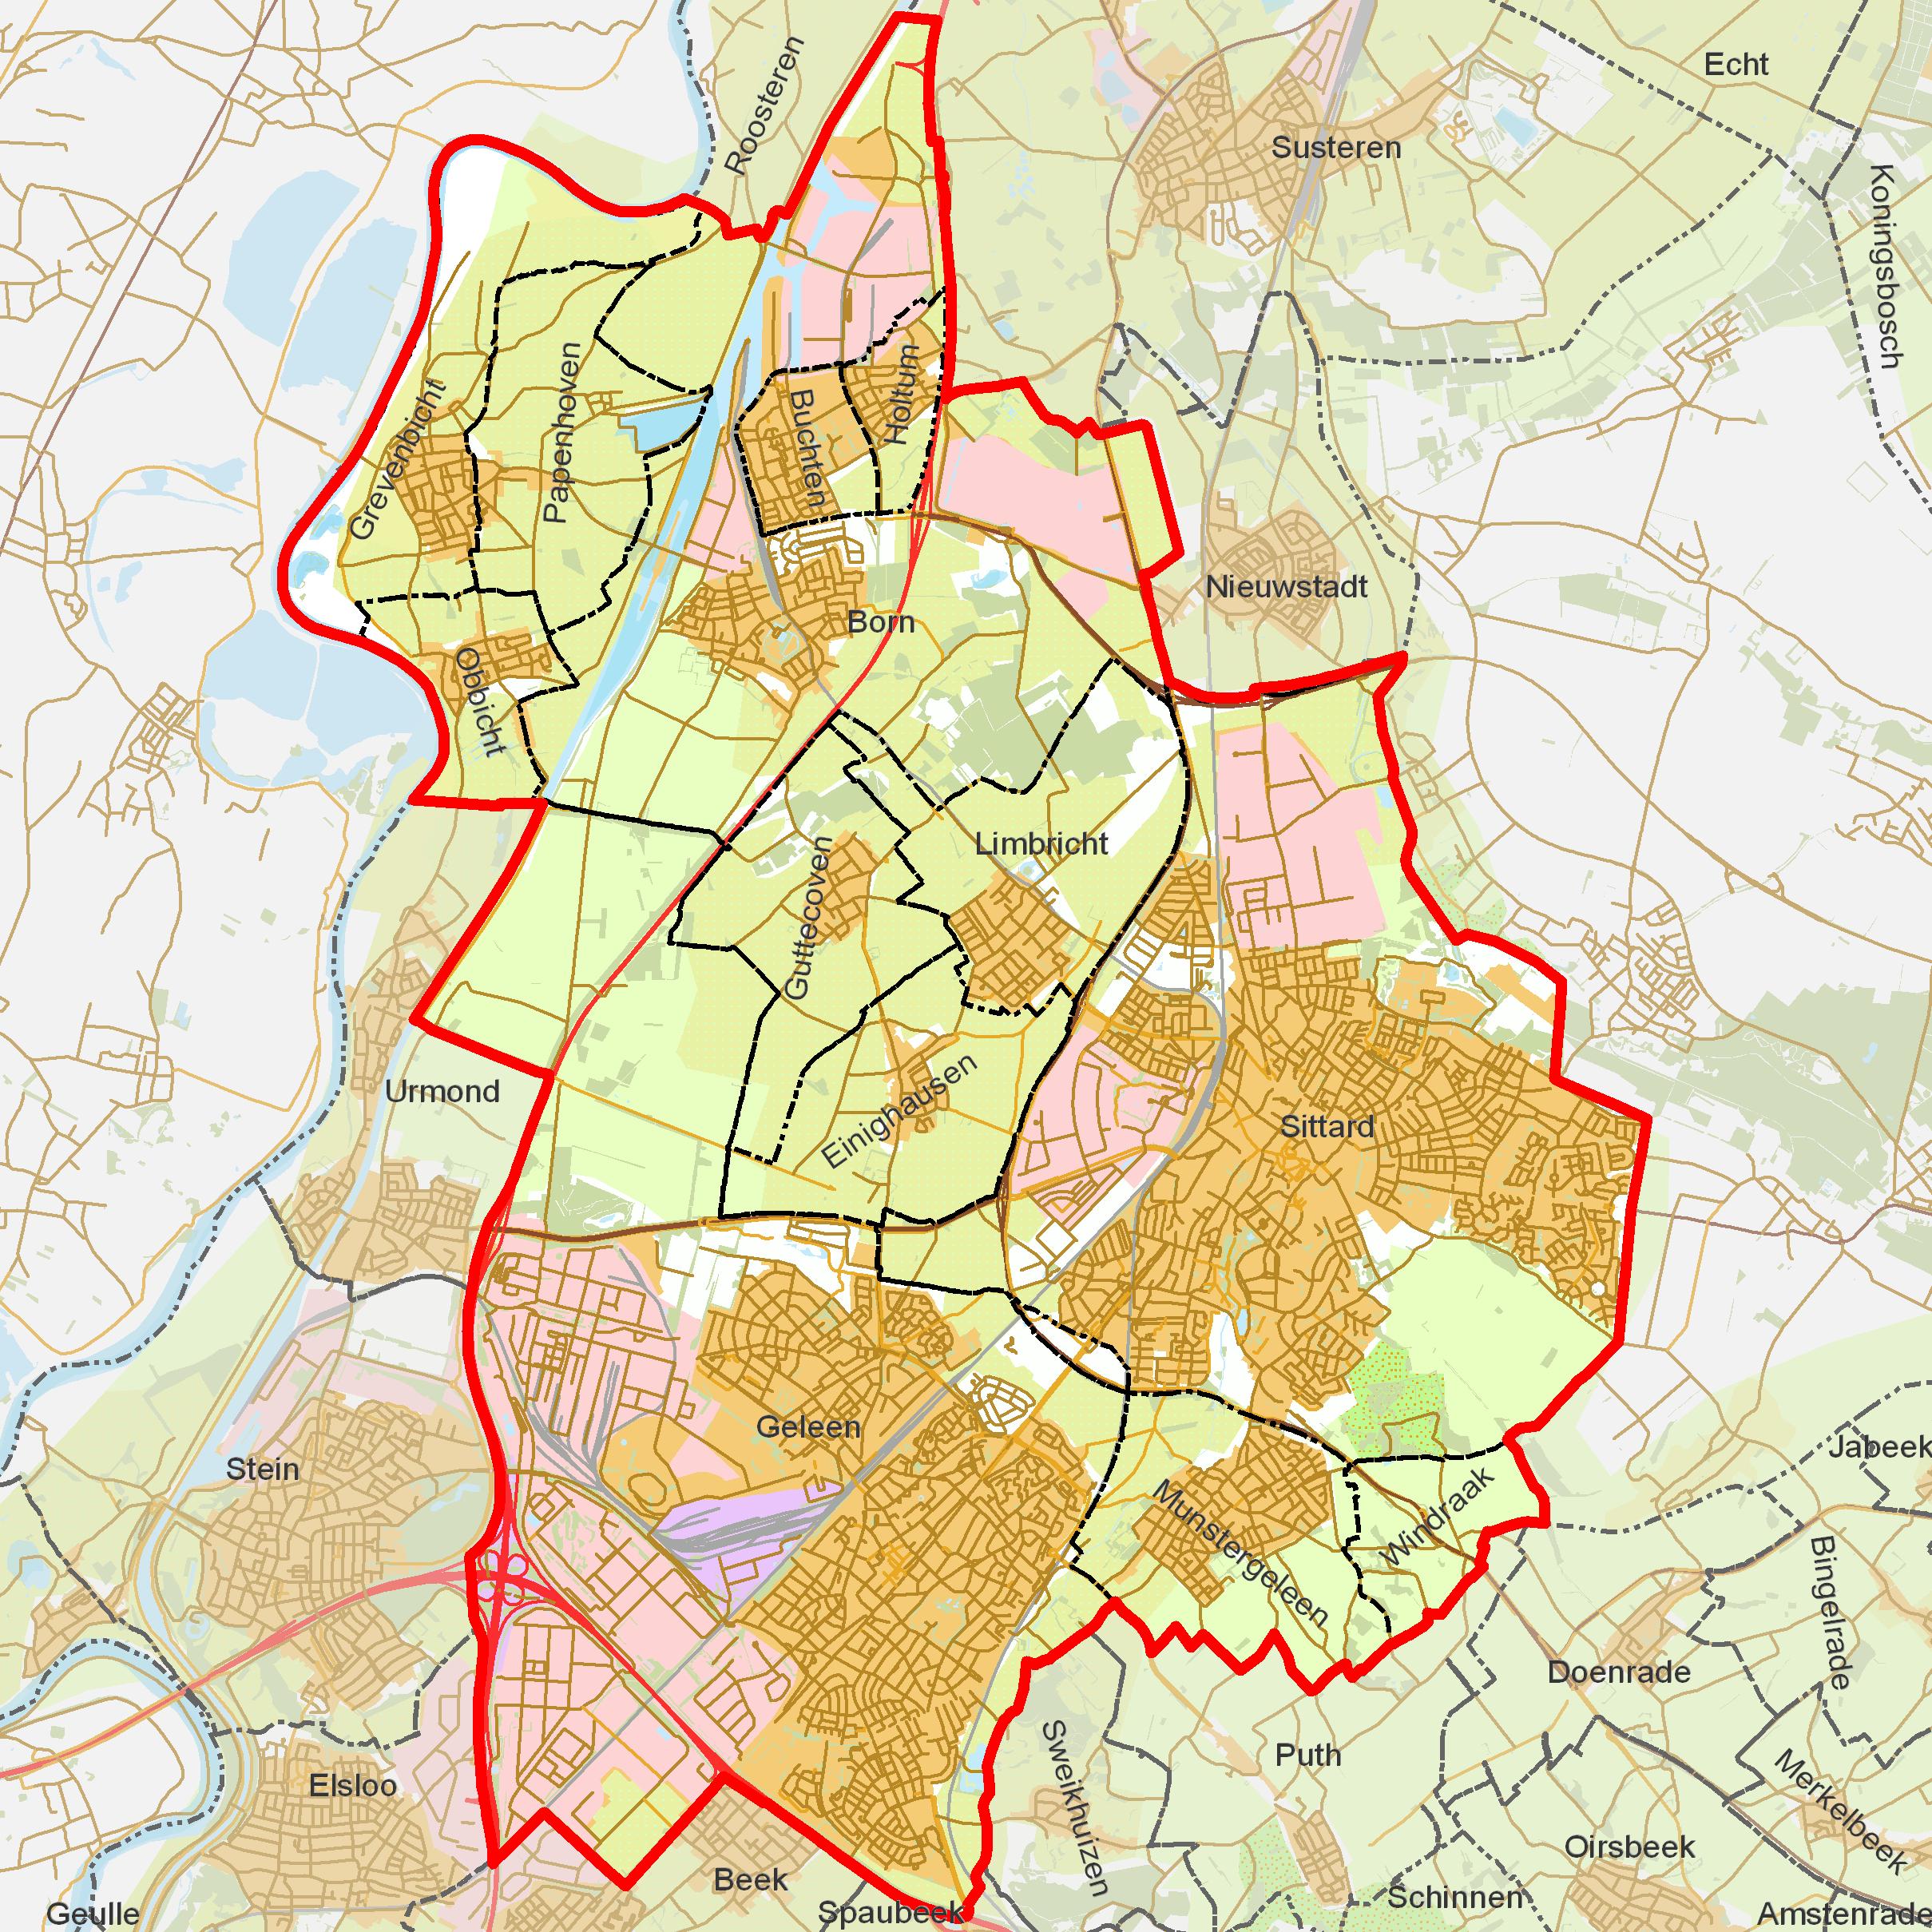 FileBAG woonplaatsen Gemeente SittardGeleenpng Wikimedia Commons